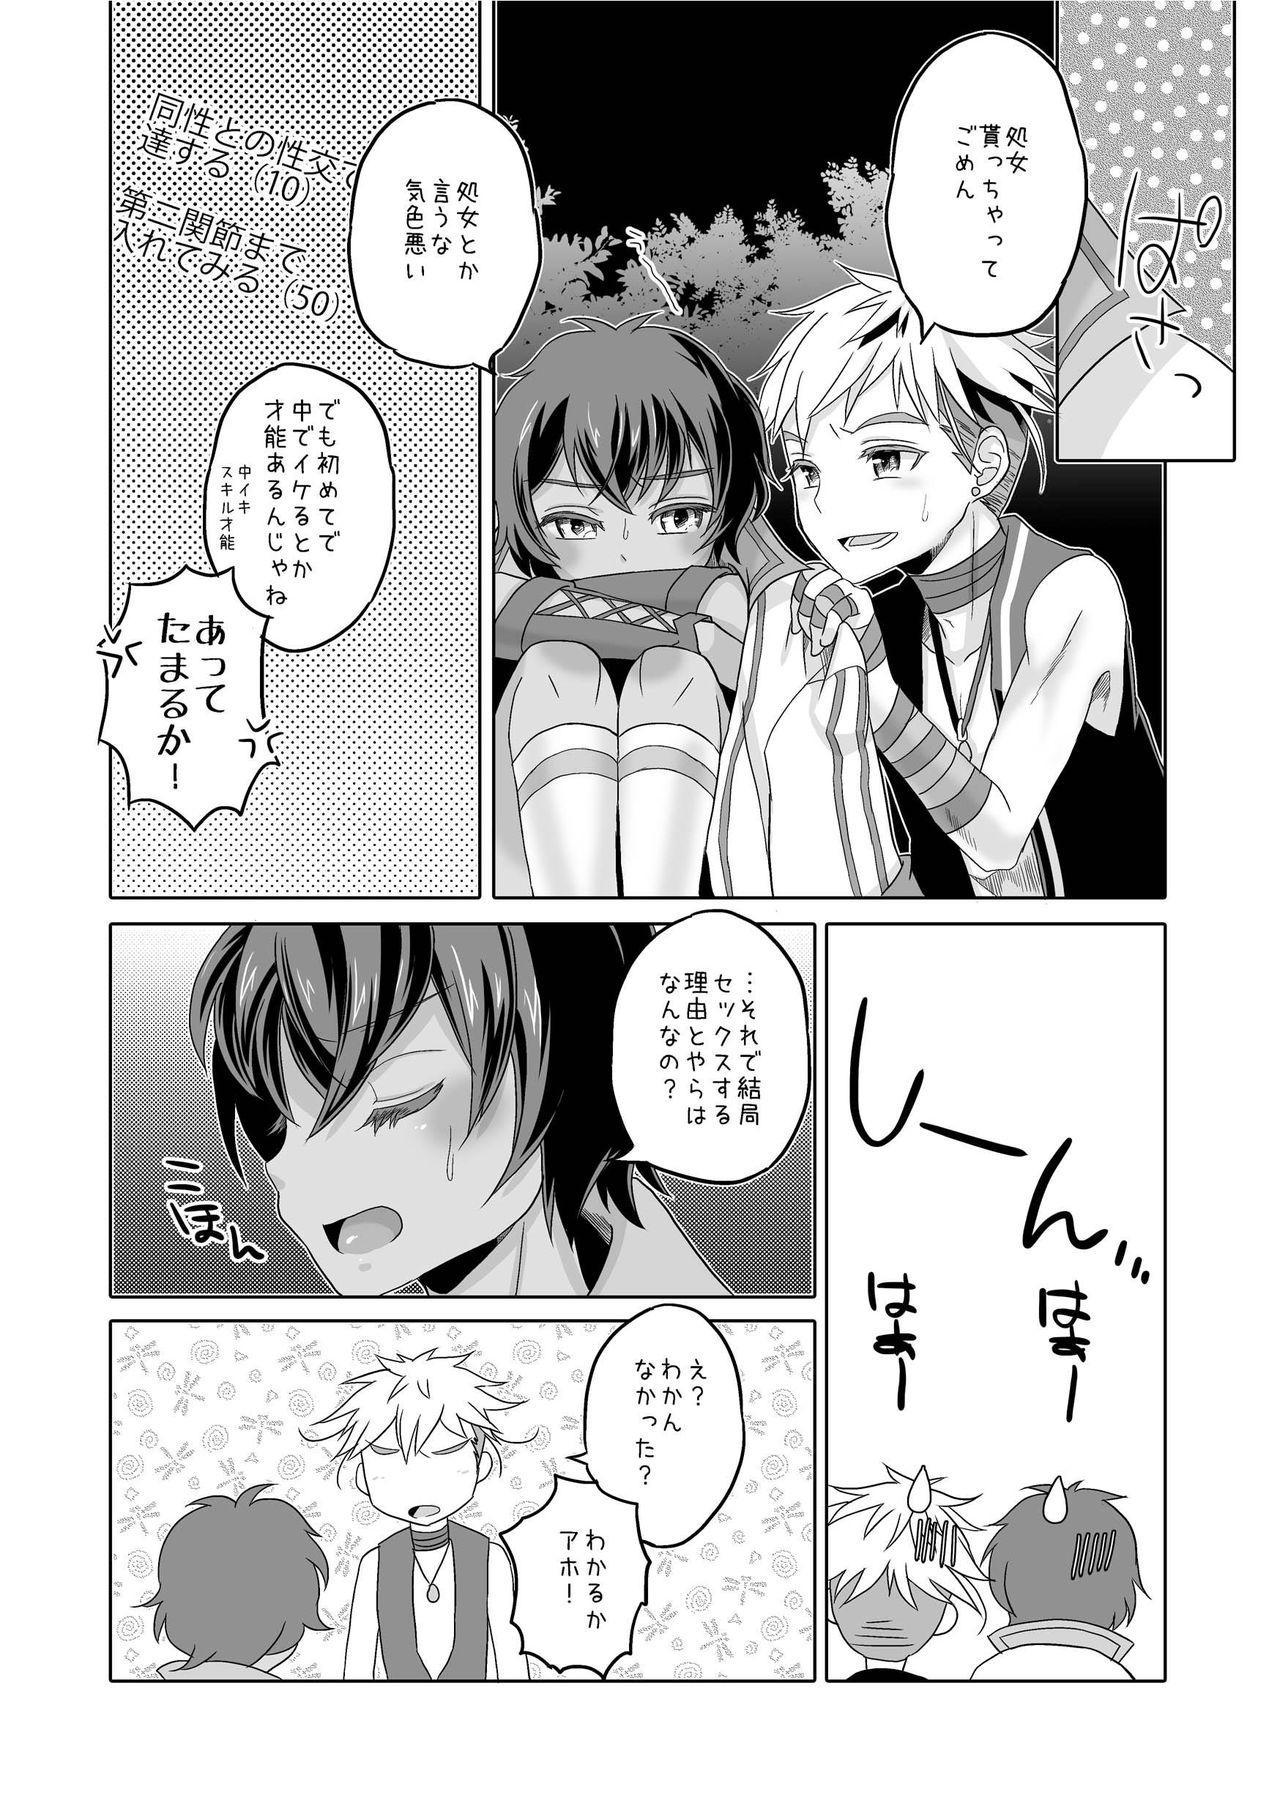 Kimi to Ikusen no Yoru o Sugosou 19